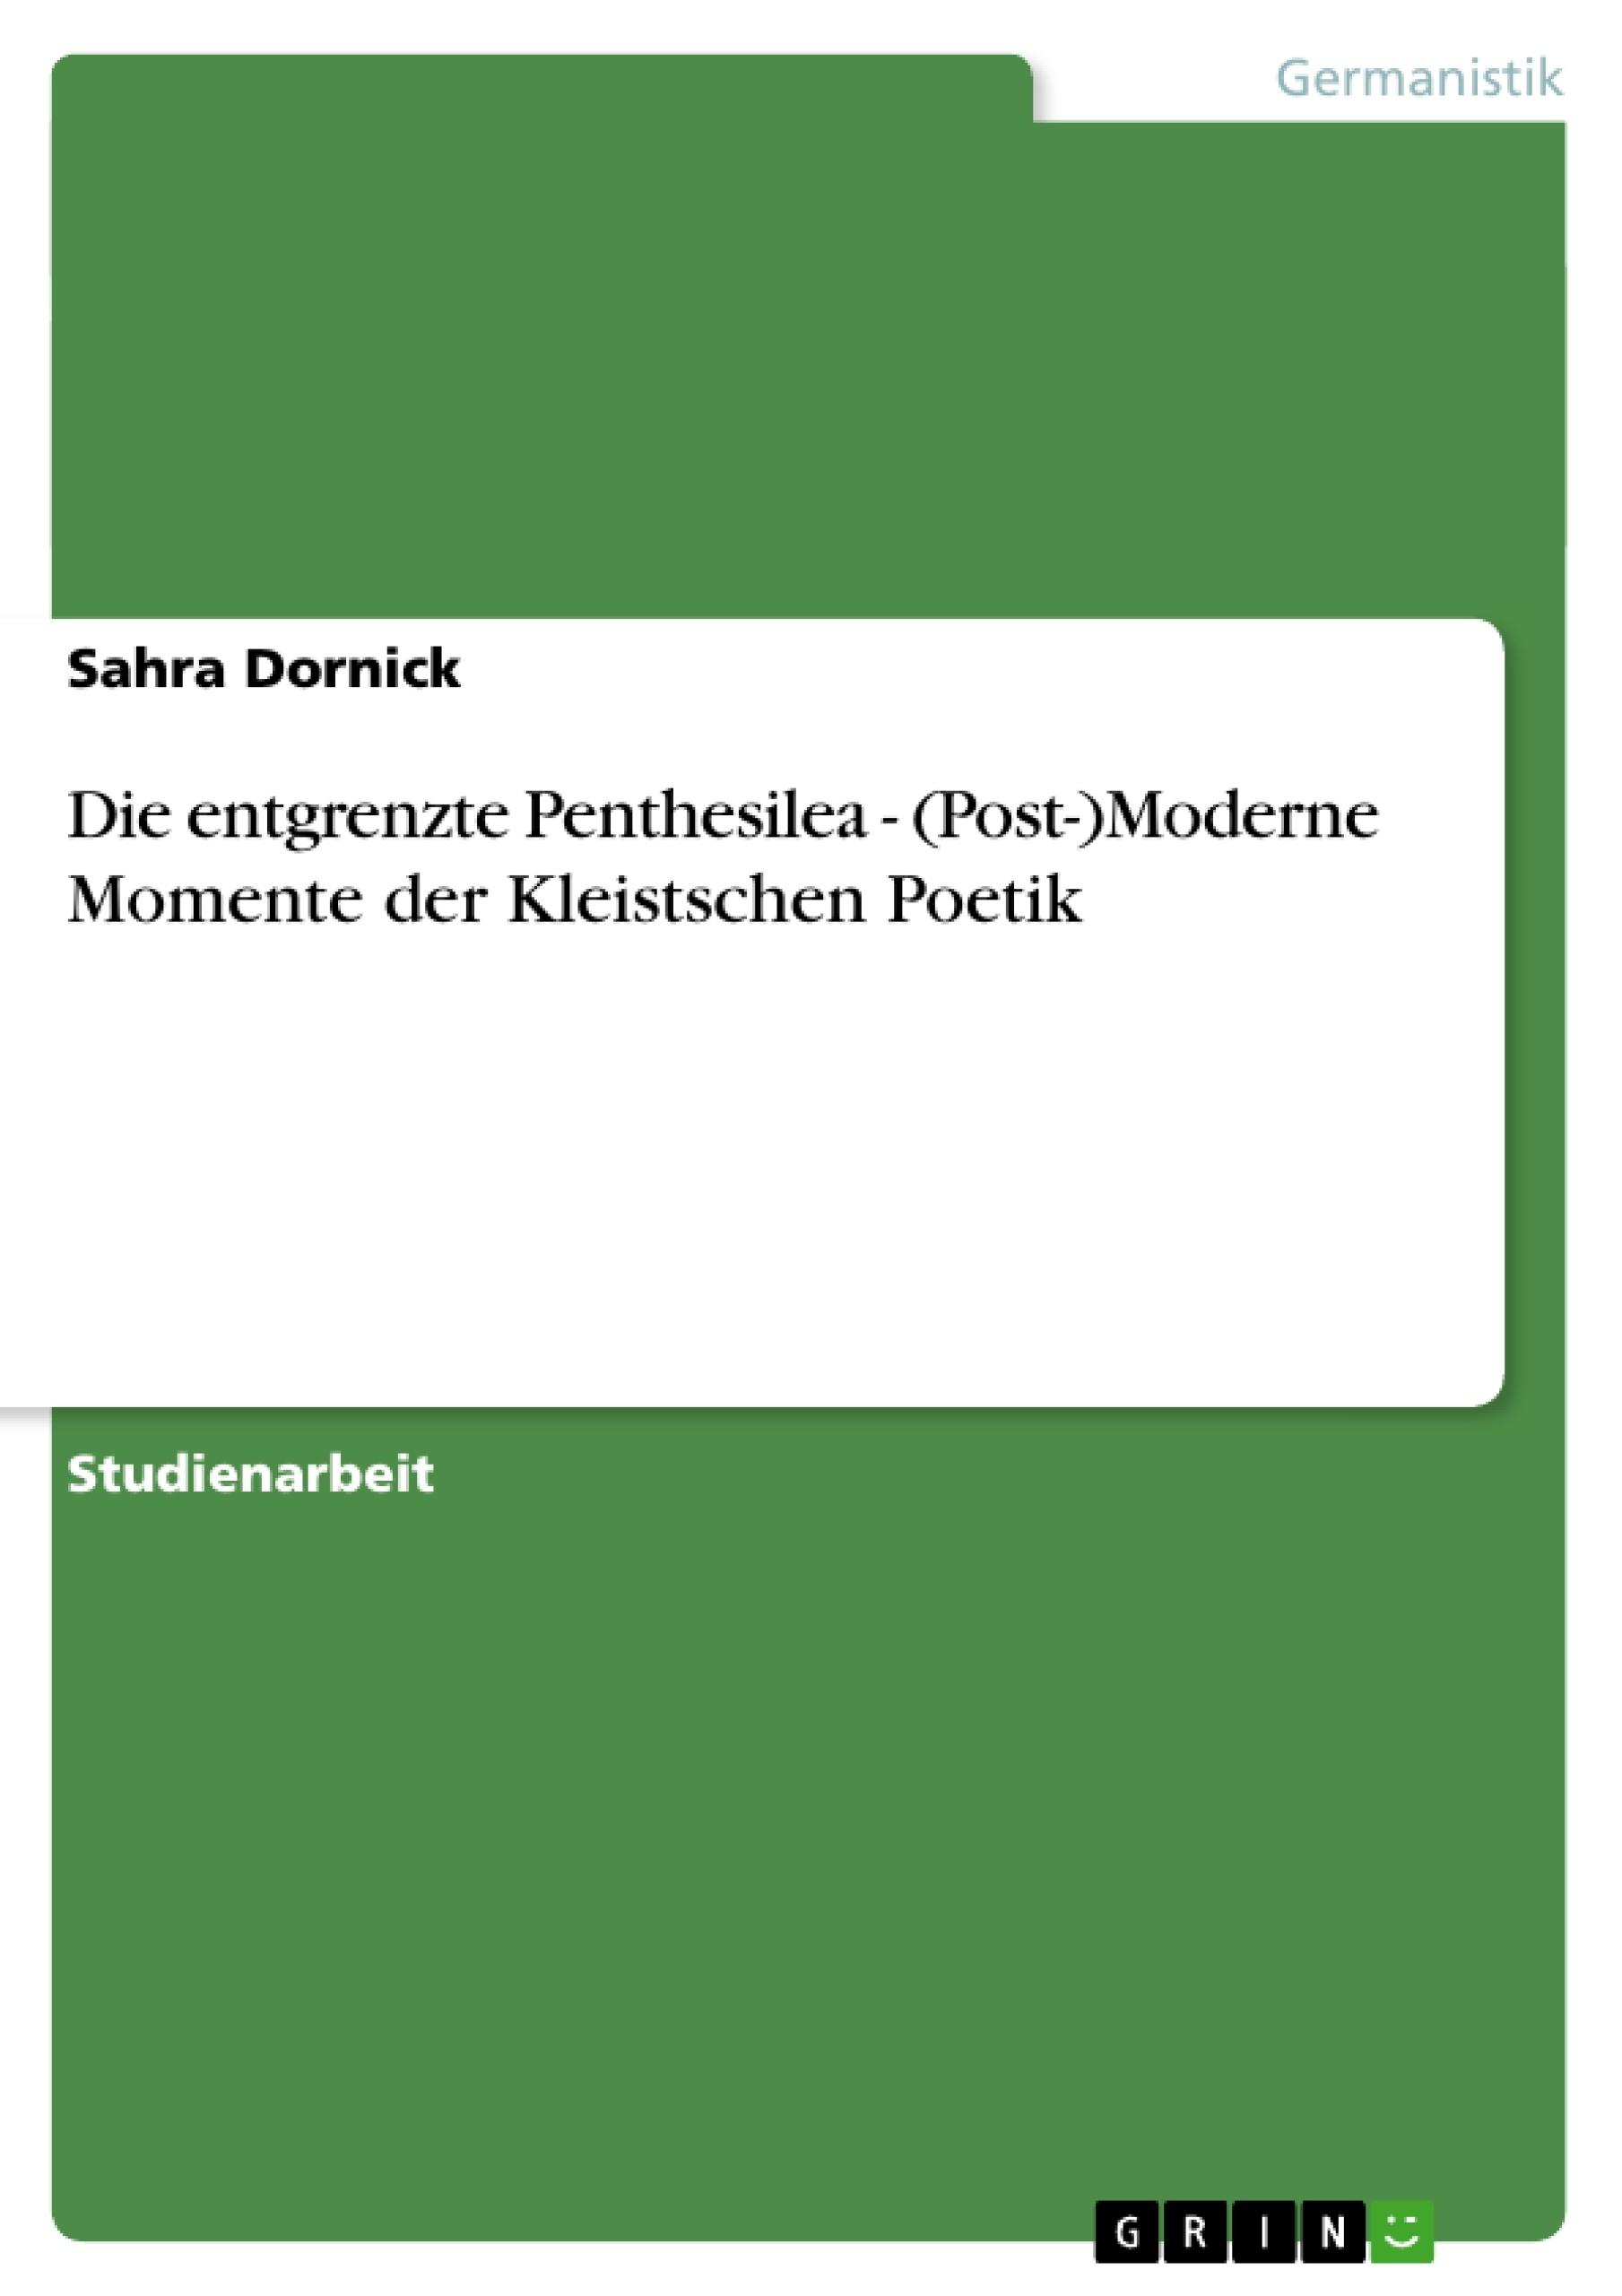 Titel: Die entgrenzte Penthesilea  -  (Post-)Moderne Momente der Kleistschen Poetik